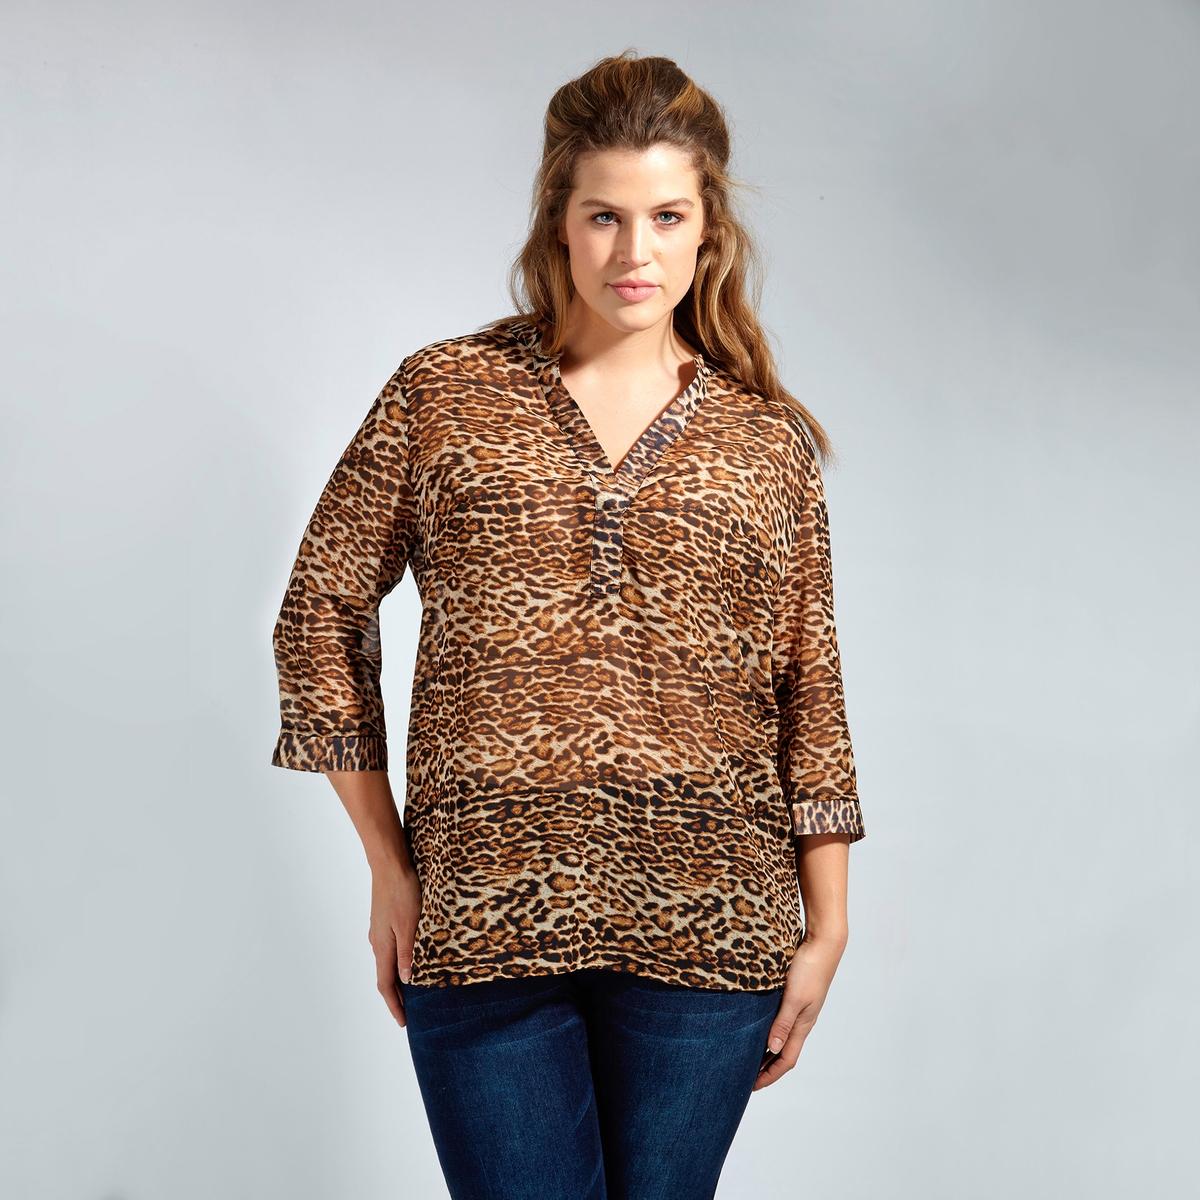 БлузкаБлузка KOKO BY KOKO. Длинные рукава. V-образный вырез. 100% полиэстер<br><br>Цвет: леопардовый рисунок<br>Размер: 50/52 (FR) - 56/58 (RUS)